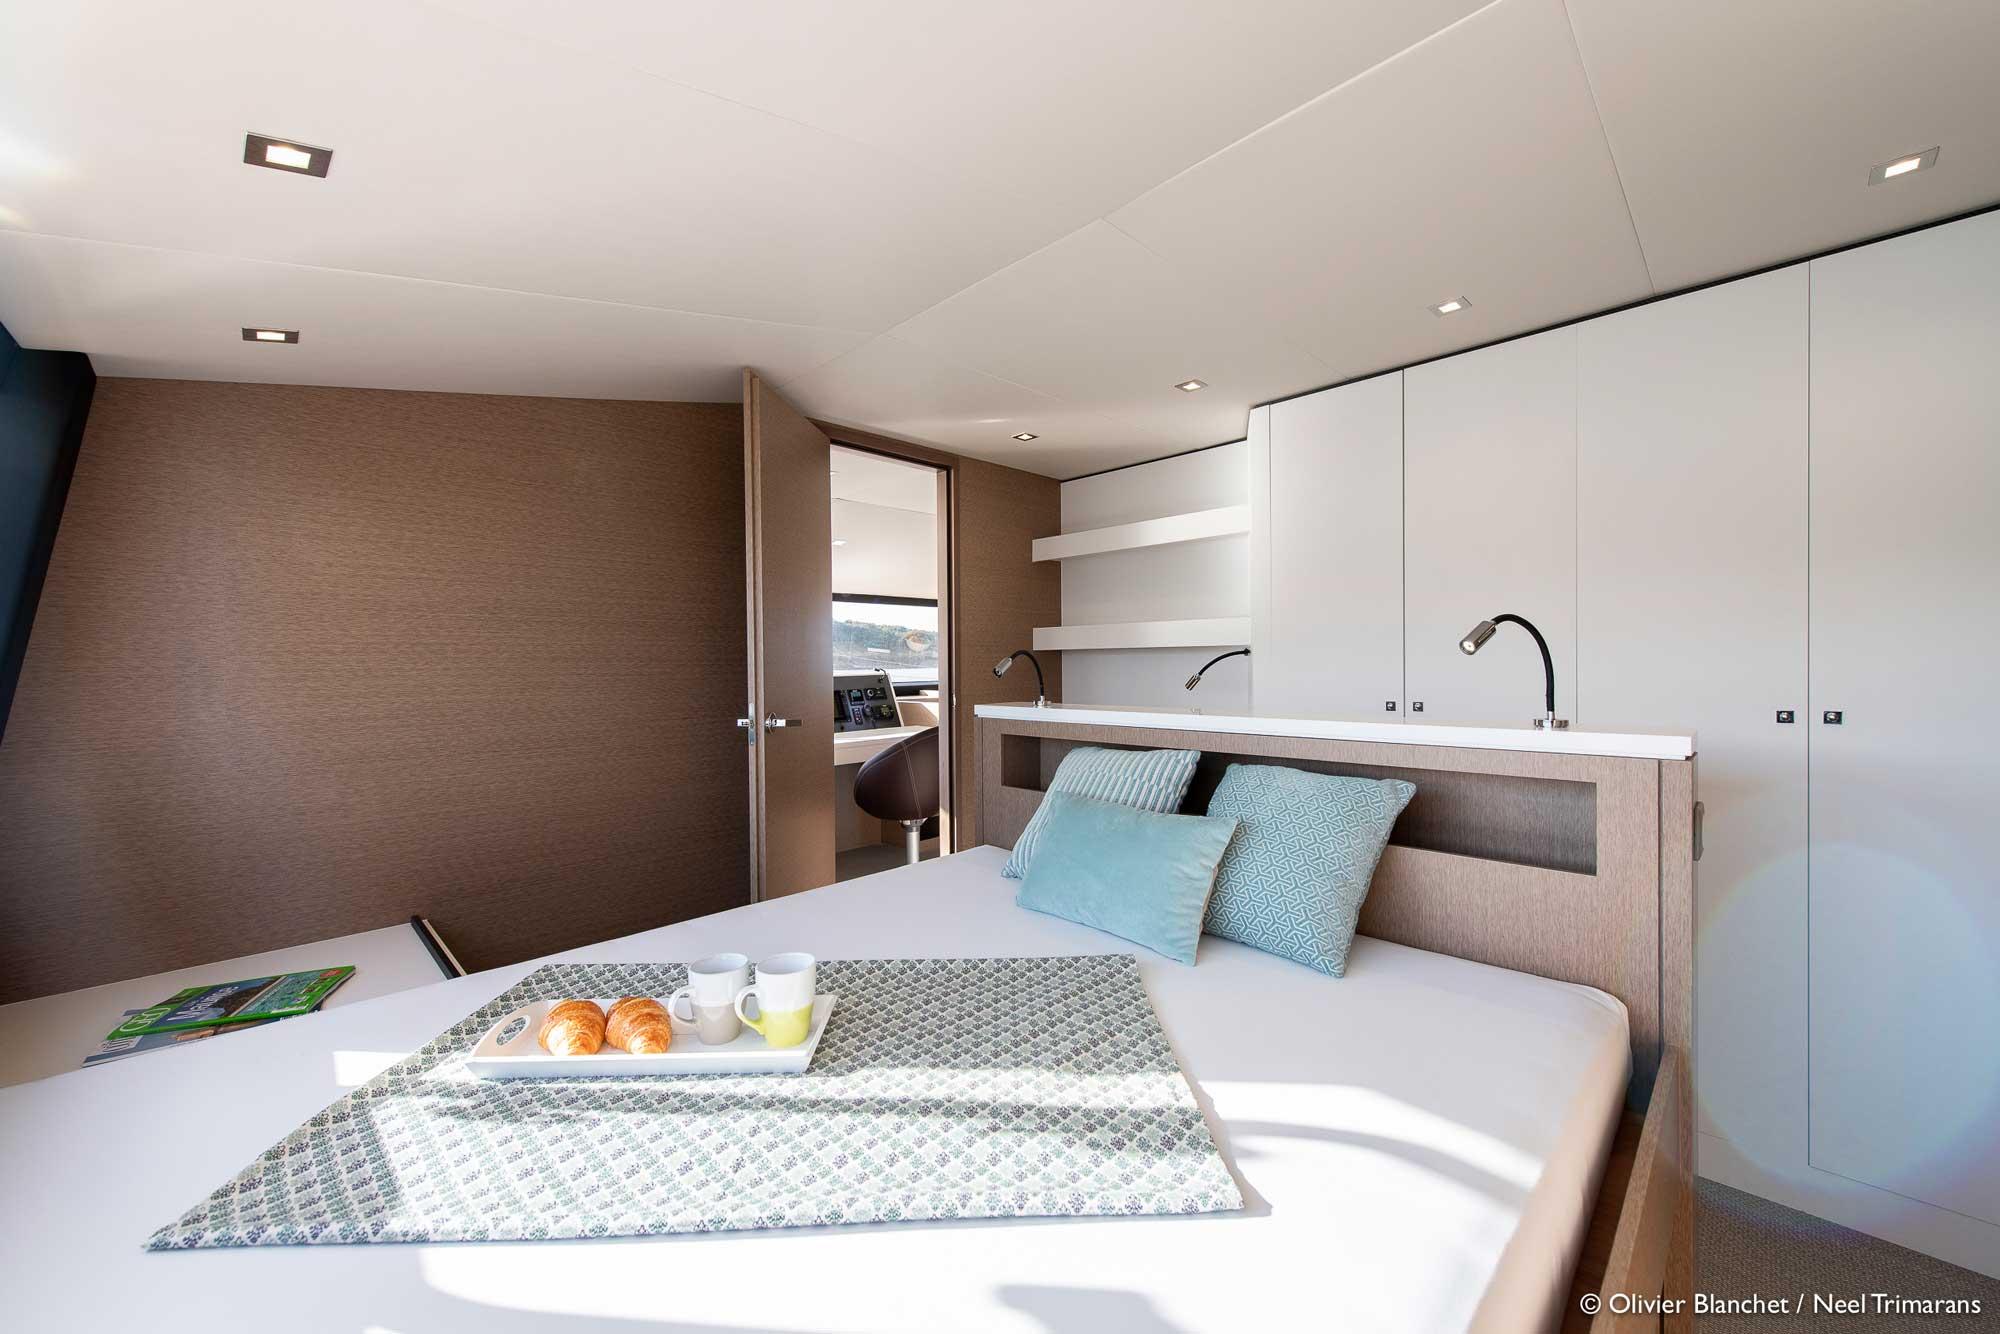 Großes Bett in der Kabine vom Trimaran NEEL 65